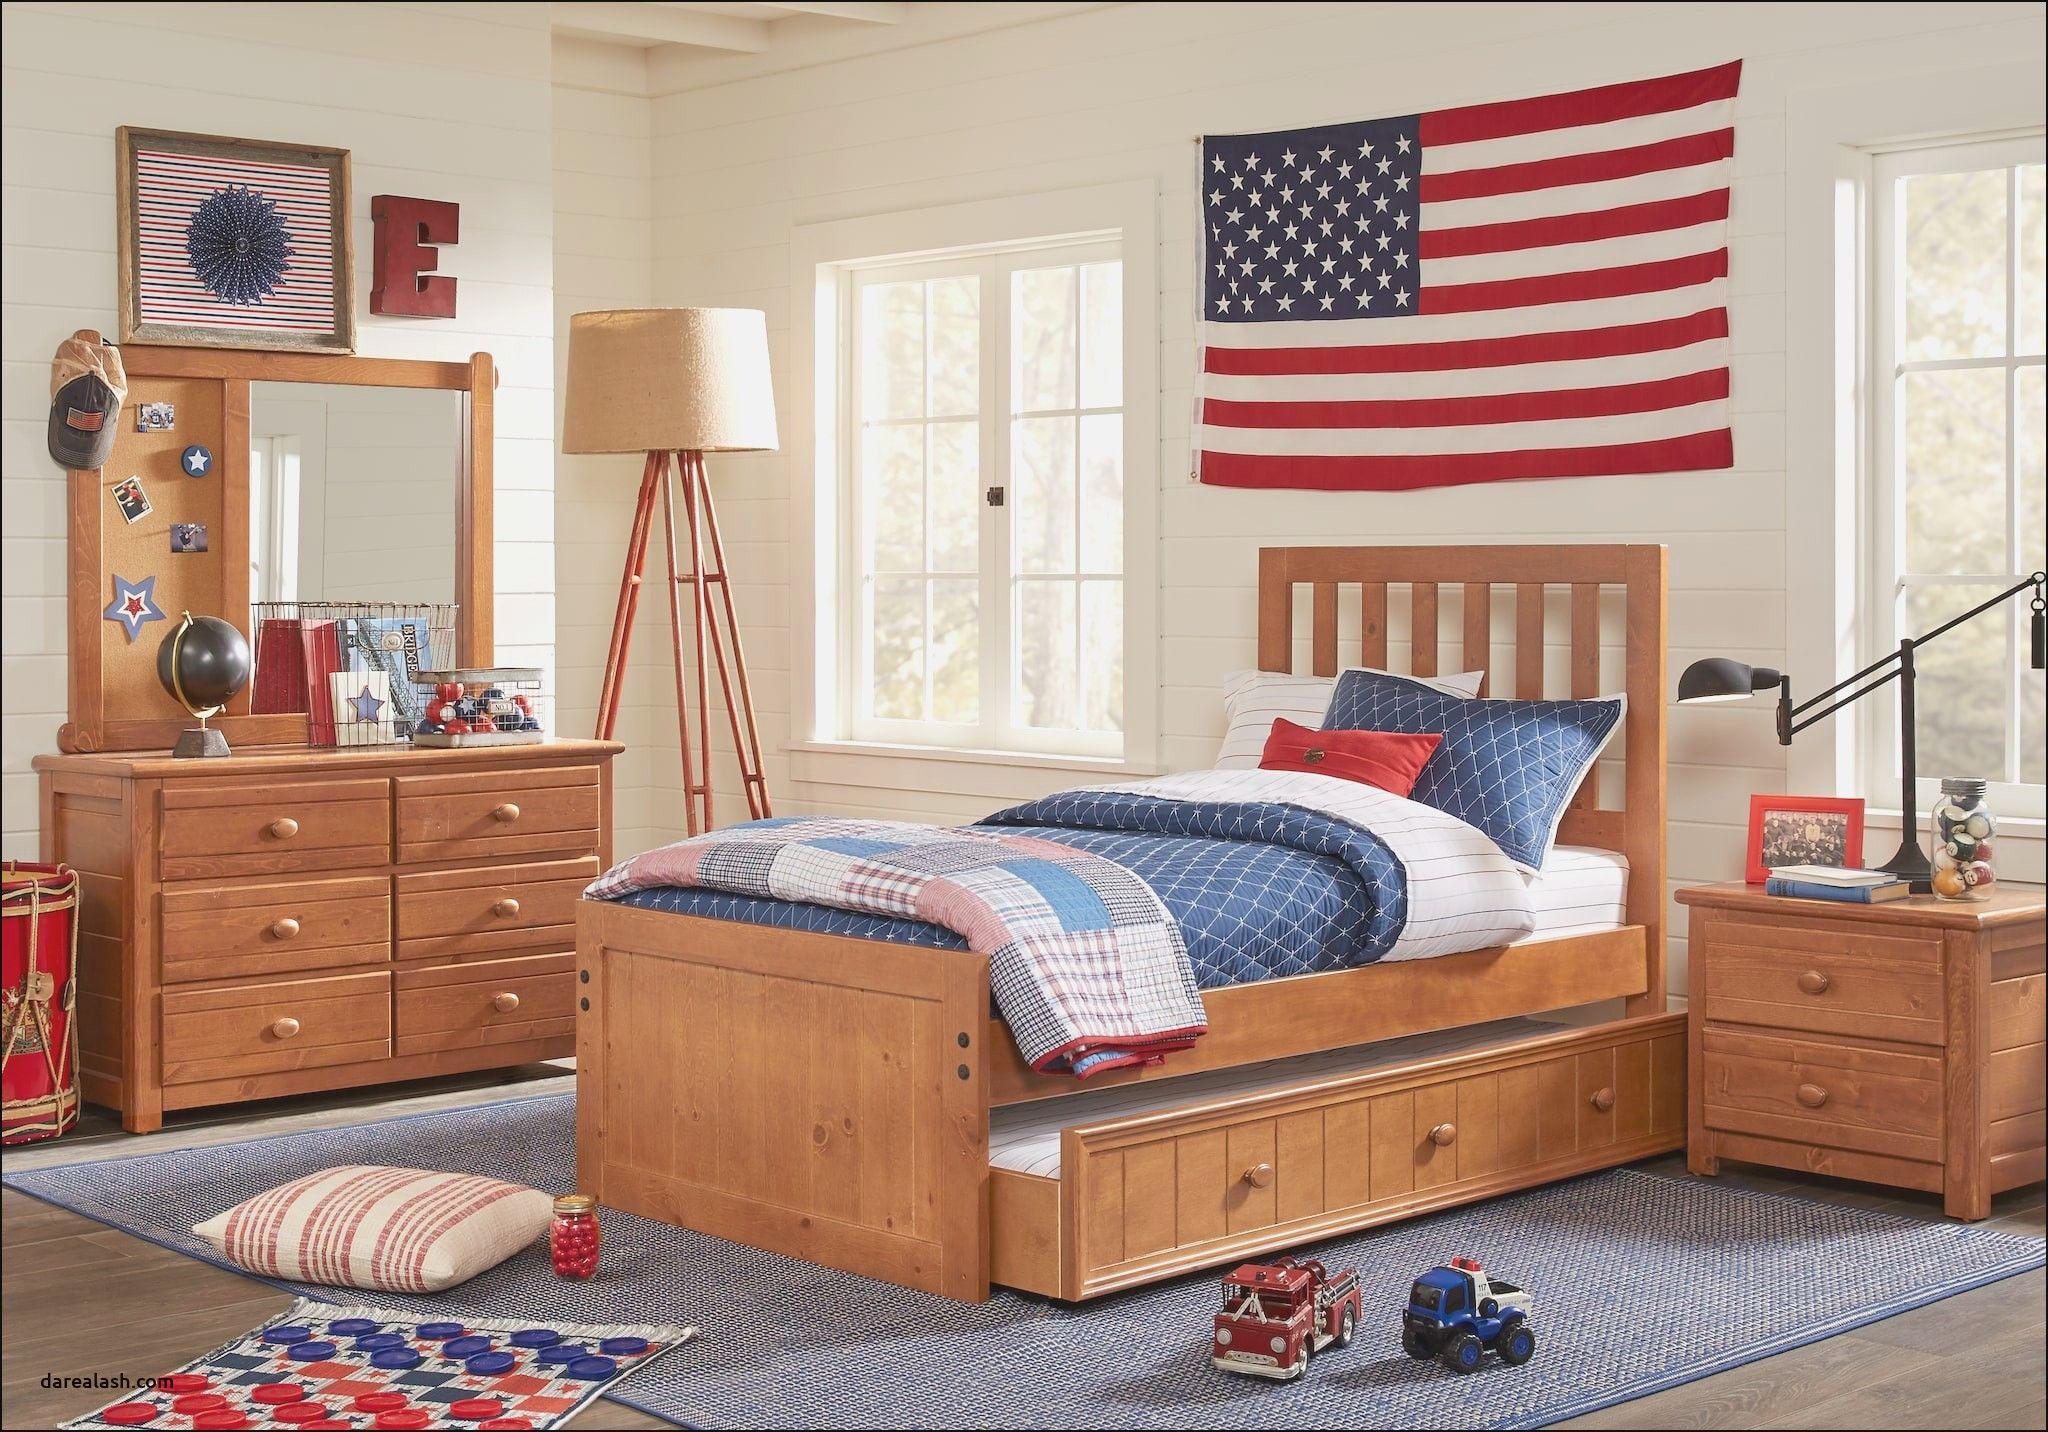 Rooms To Go For Kids Interior Design Best Of Discount Bedroom Furniture Sets Kids Bedroom Sets Bedroom Furniture Stores